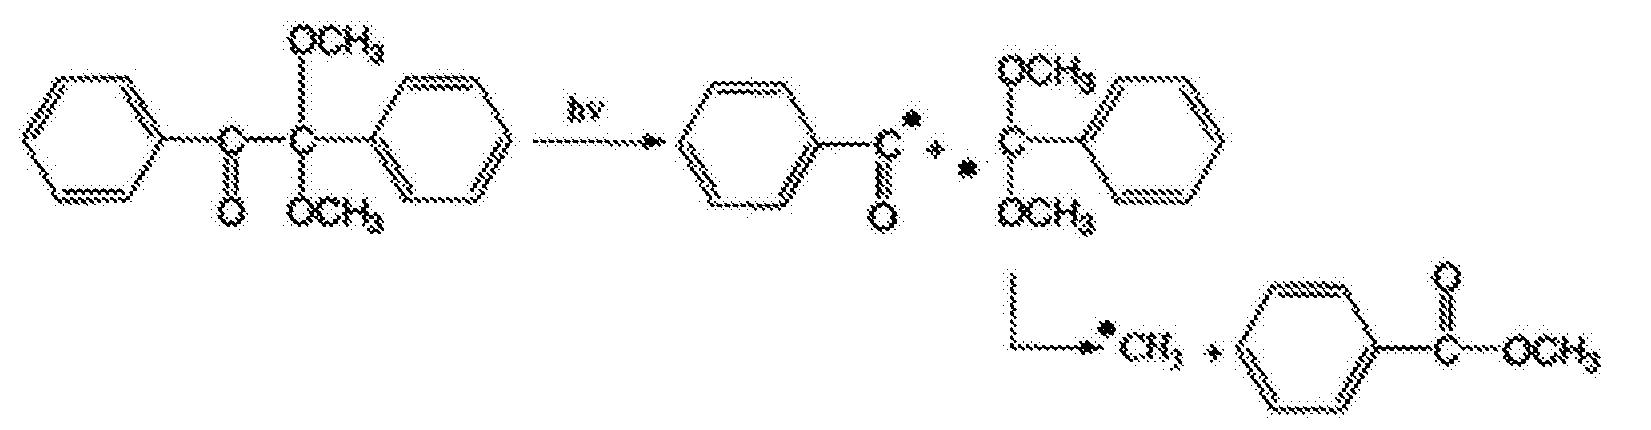 Figure CN104238198BD00053